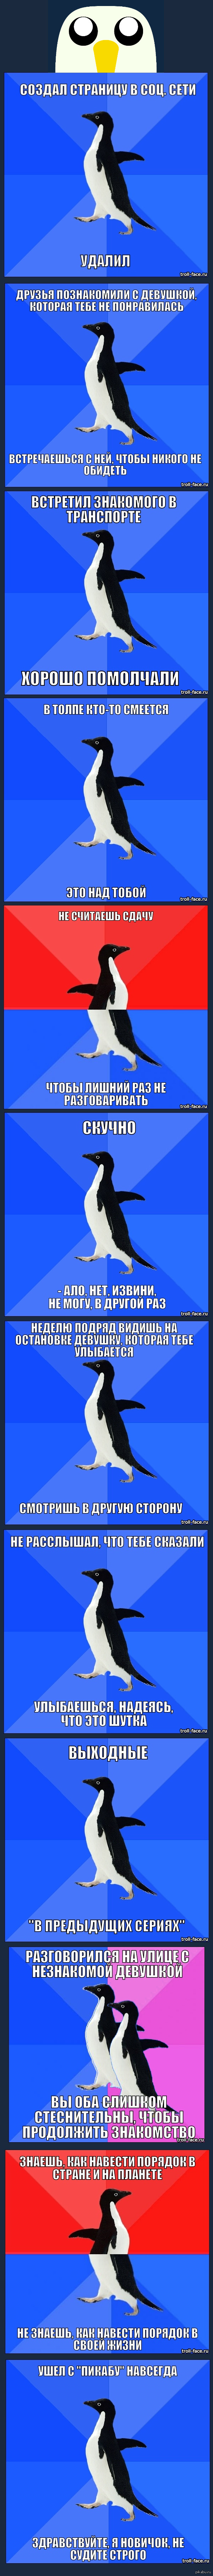 Пингвин-социофоб Или некоторые фэйлы моей жизни